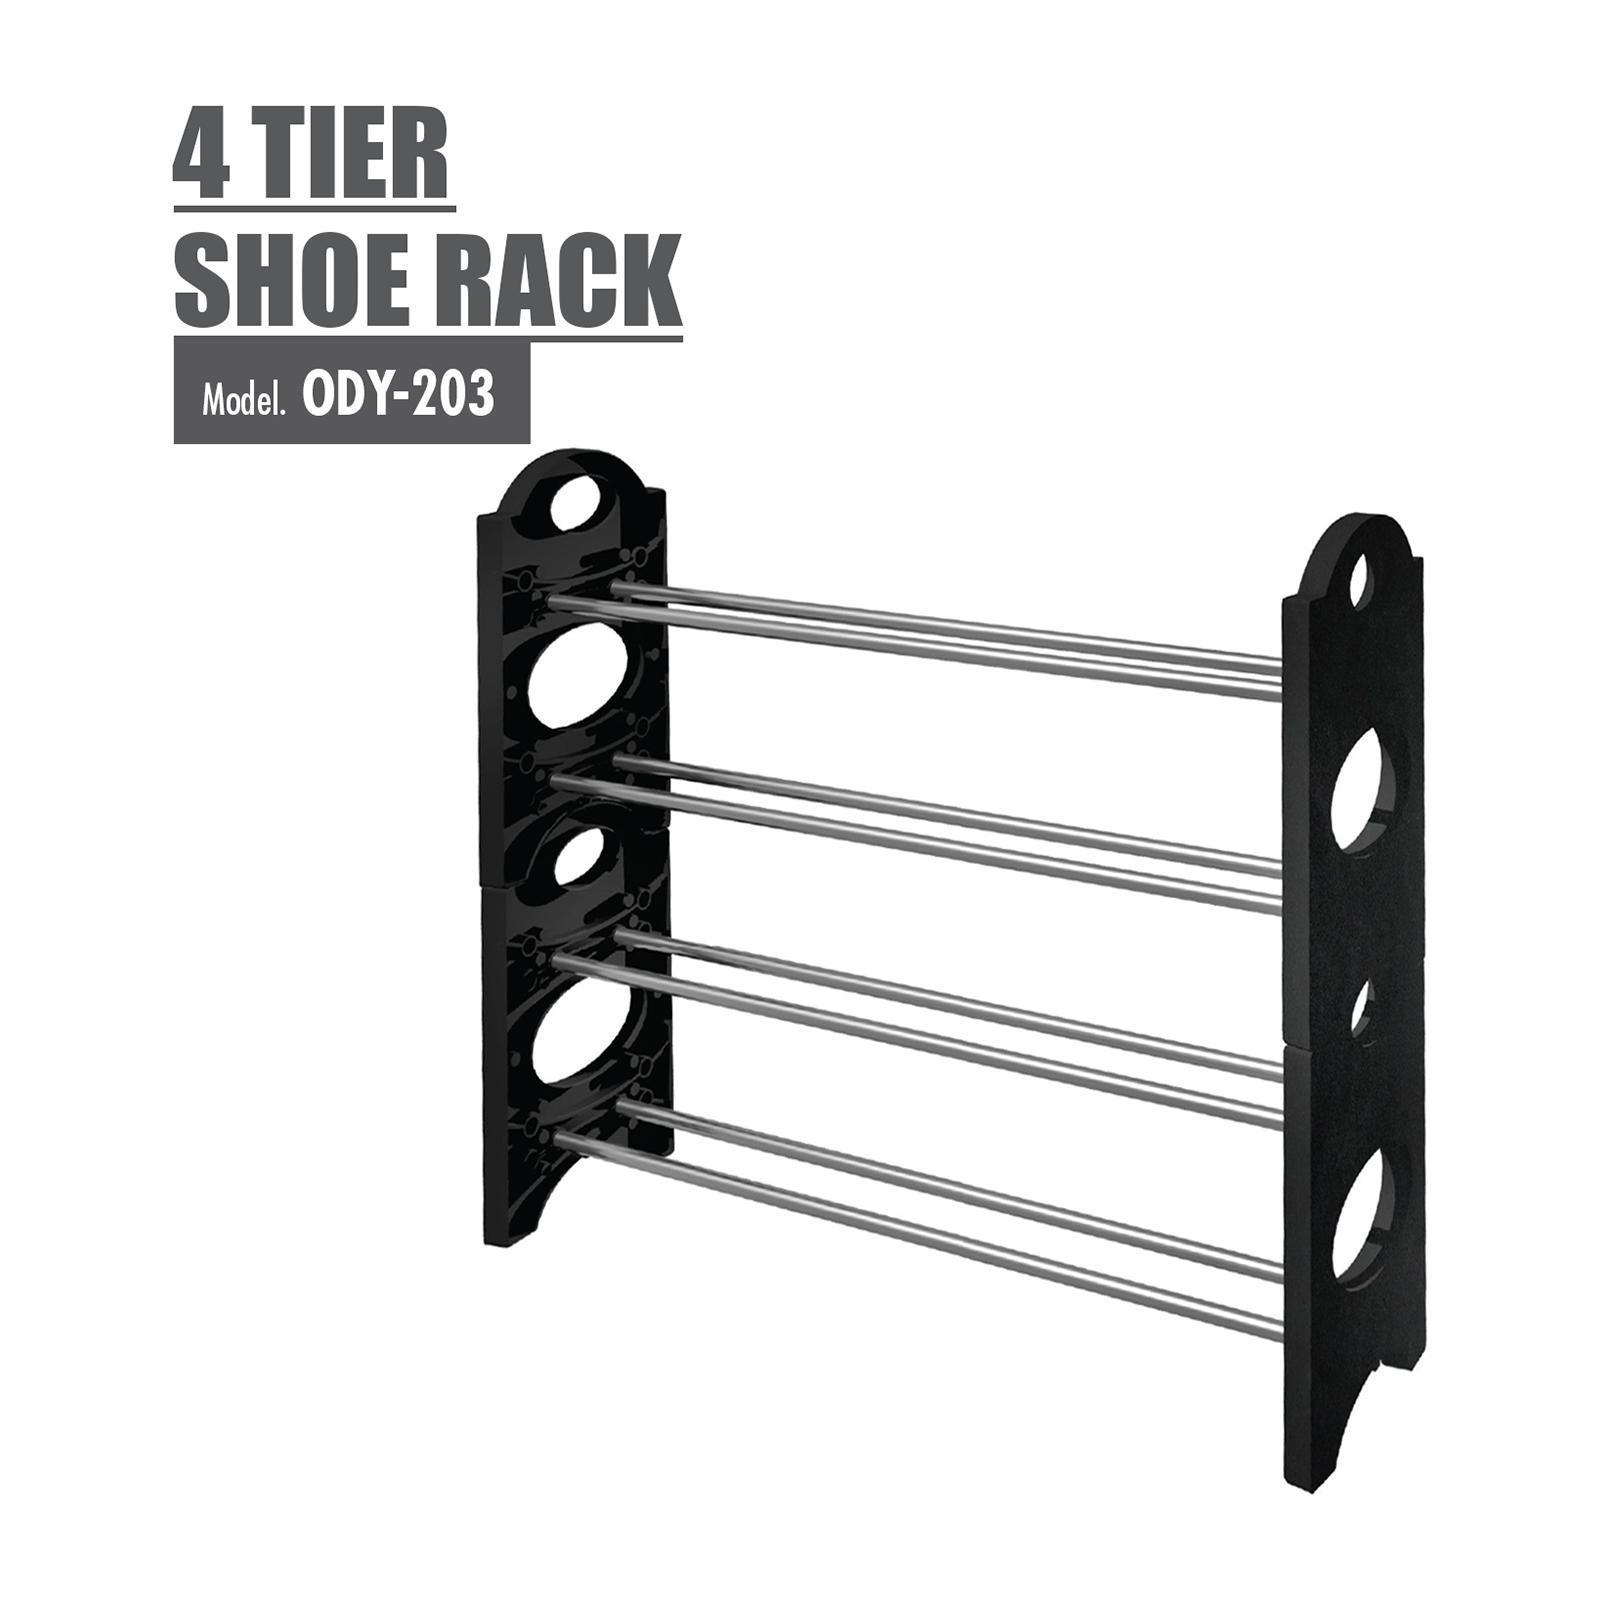 HOUZE 4 Tier Shoe Rack